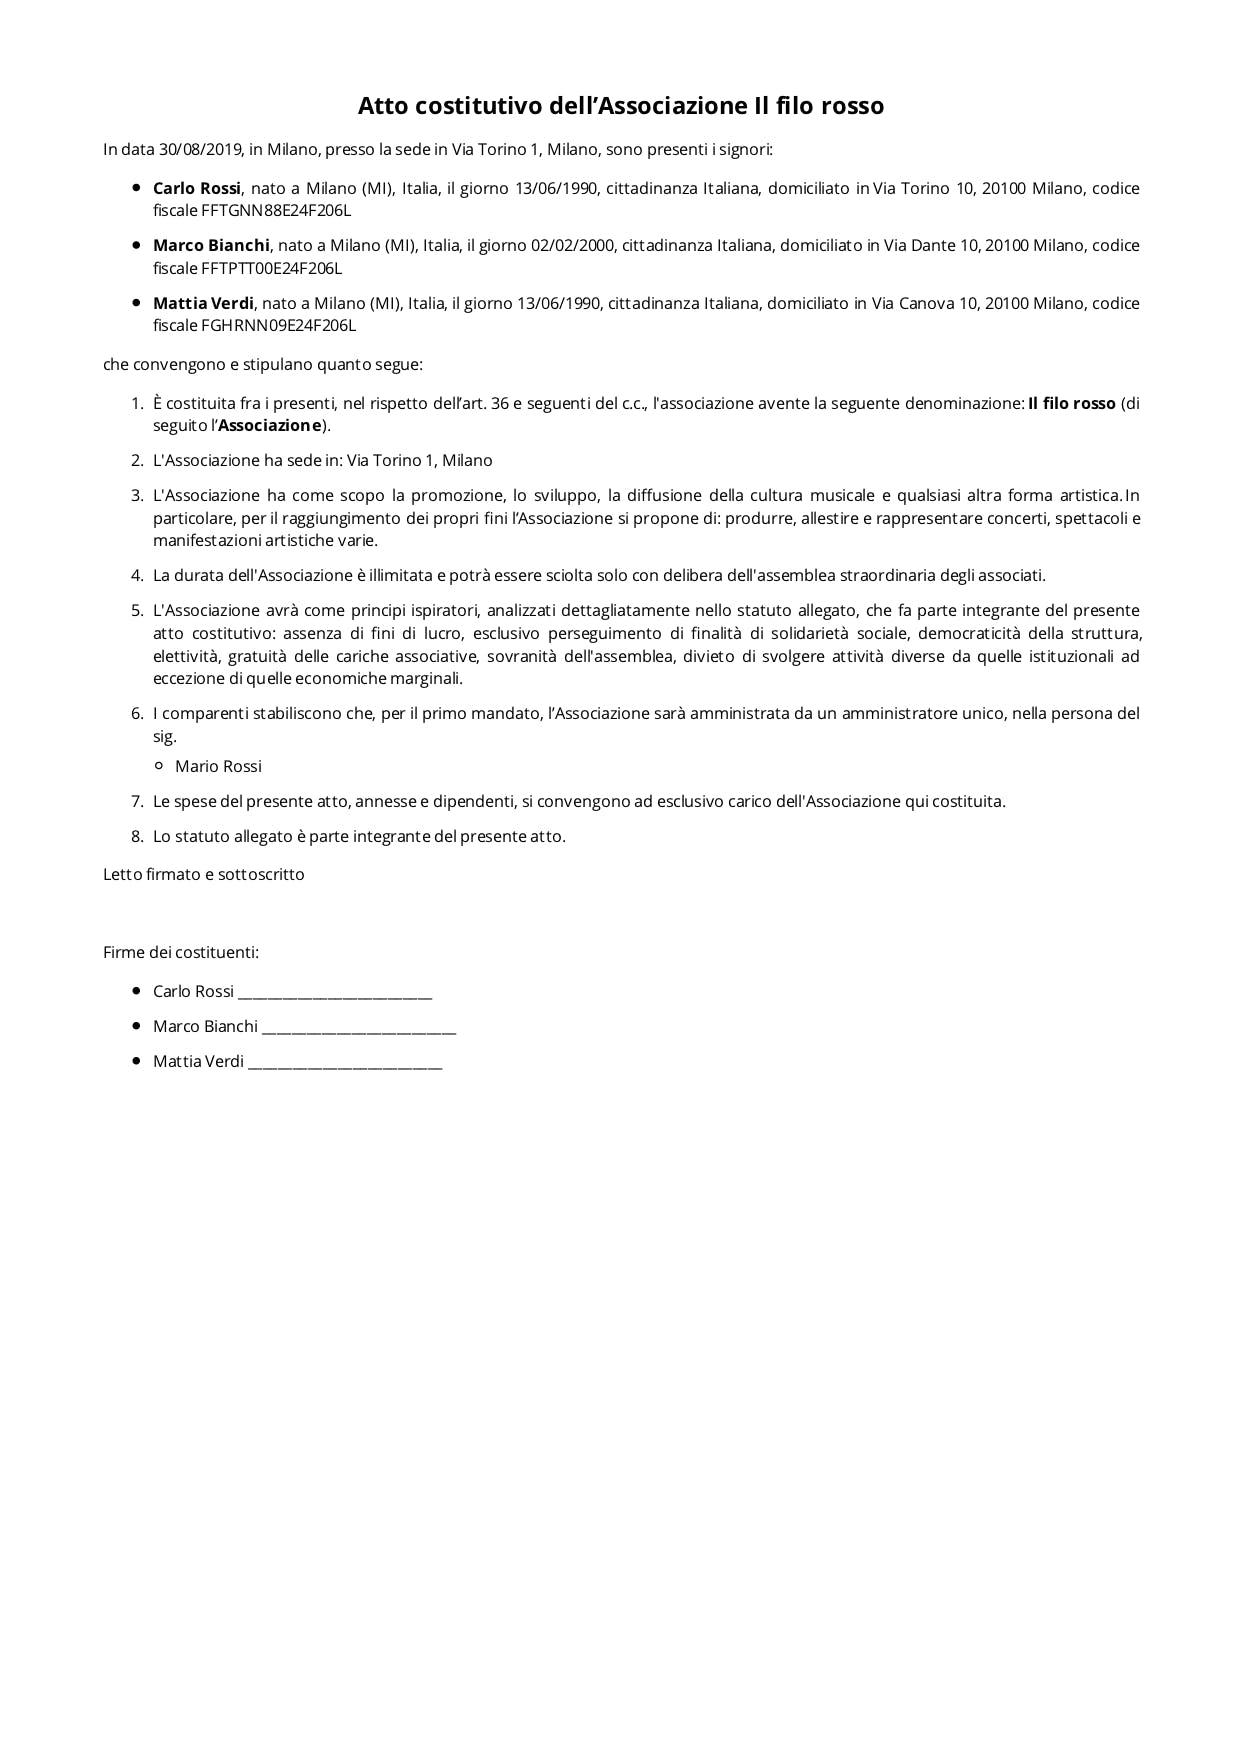 Statuto e Atto Costitutivo Associazione modello